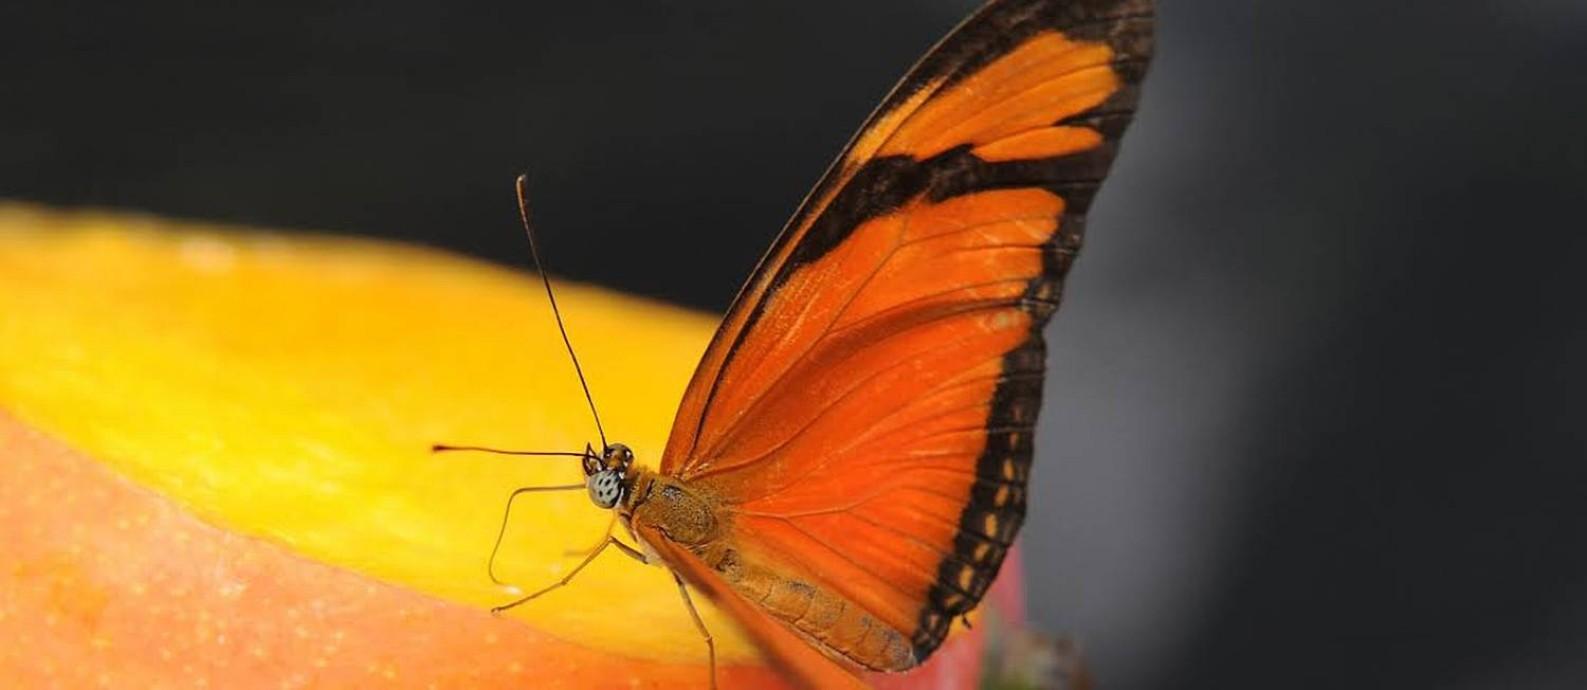 Somente na Inglaterra, por exemplo, o número de borboletas diminuiu 58% em terras cultivadas entre 2000 e 2009 Foto: Divulgação